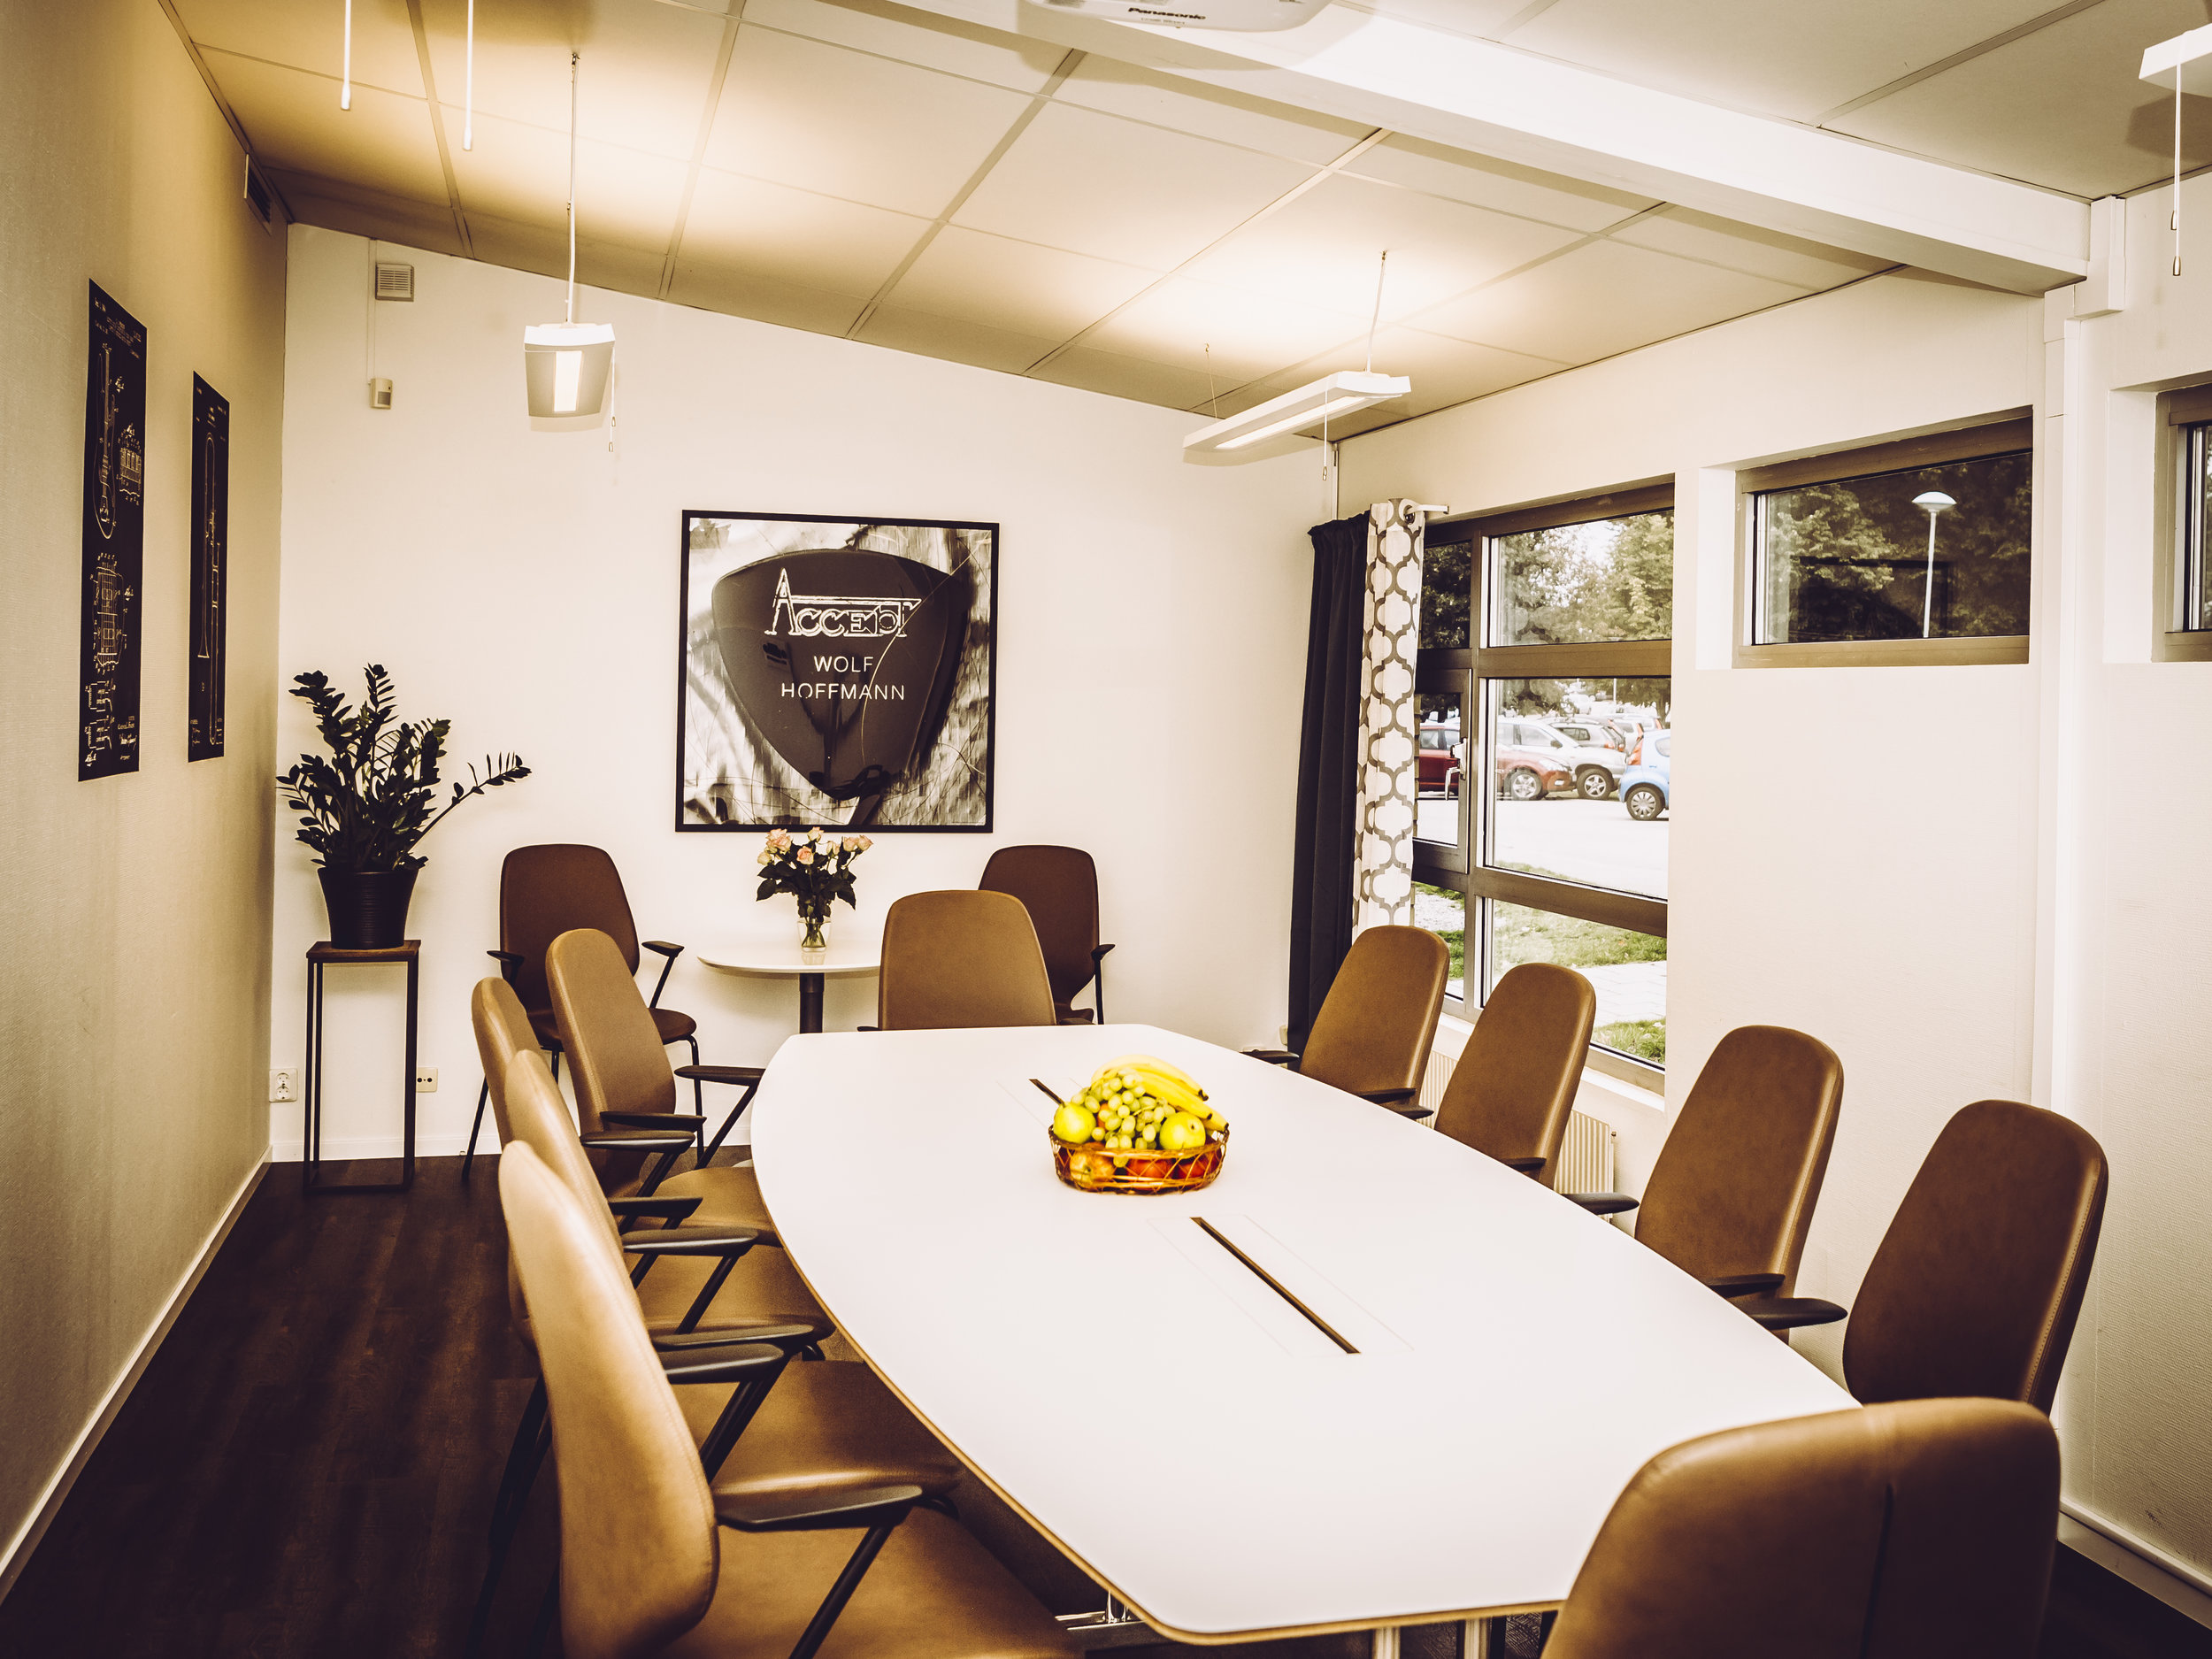 Håll ditt styrelsemöte i vår lilla lokal. - Här finns plats för 12 personerVår stora lokal rymmer upp till 70 personer